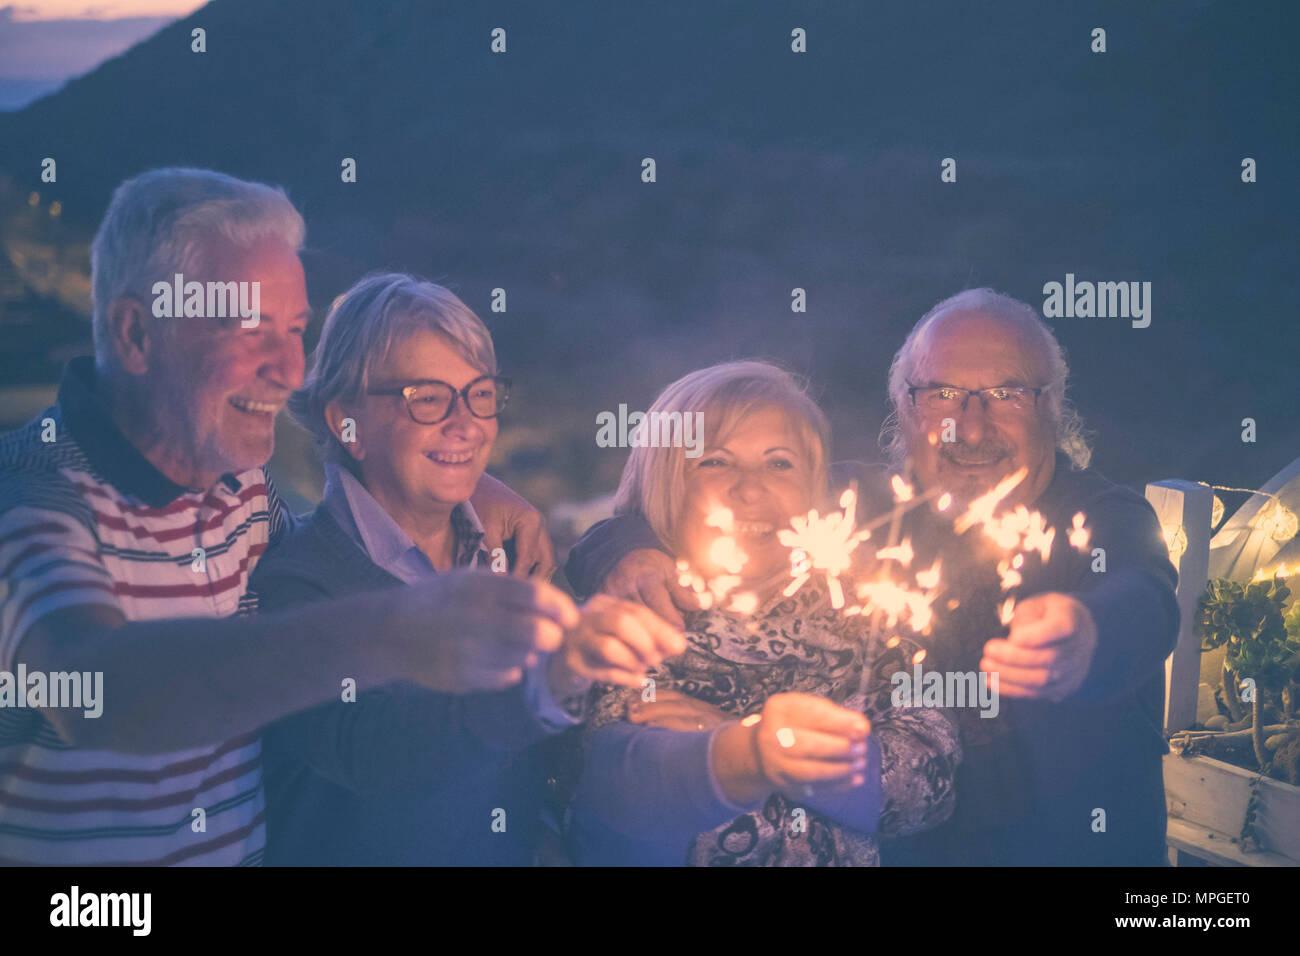 Celebrar el evento a la medianoche de Año Nuevo para el grupo de gente agradable hermoso adulto senior. Hombres y mujeres con brillos por la noche al aire libre Imagen De Stock